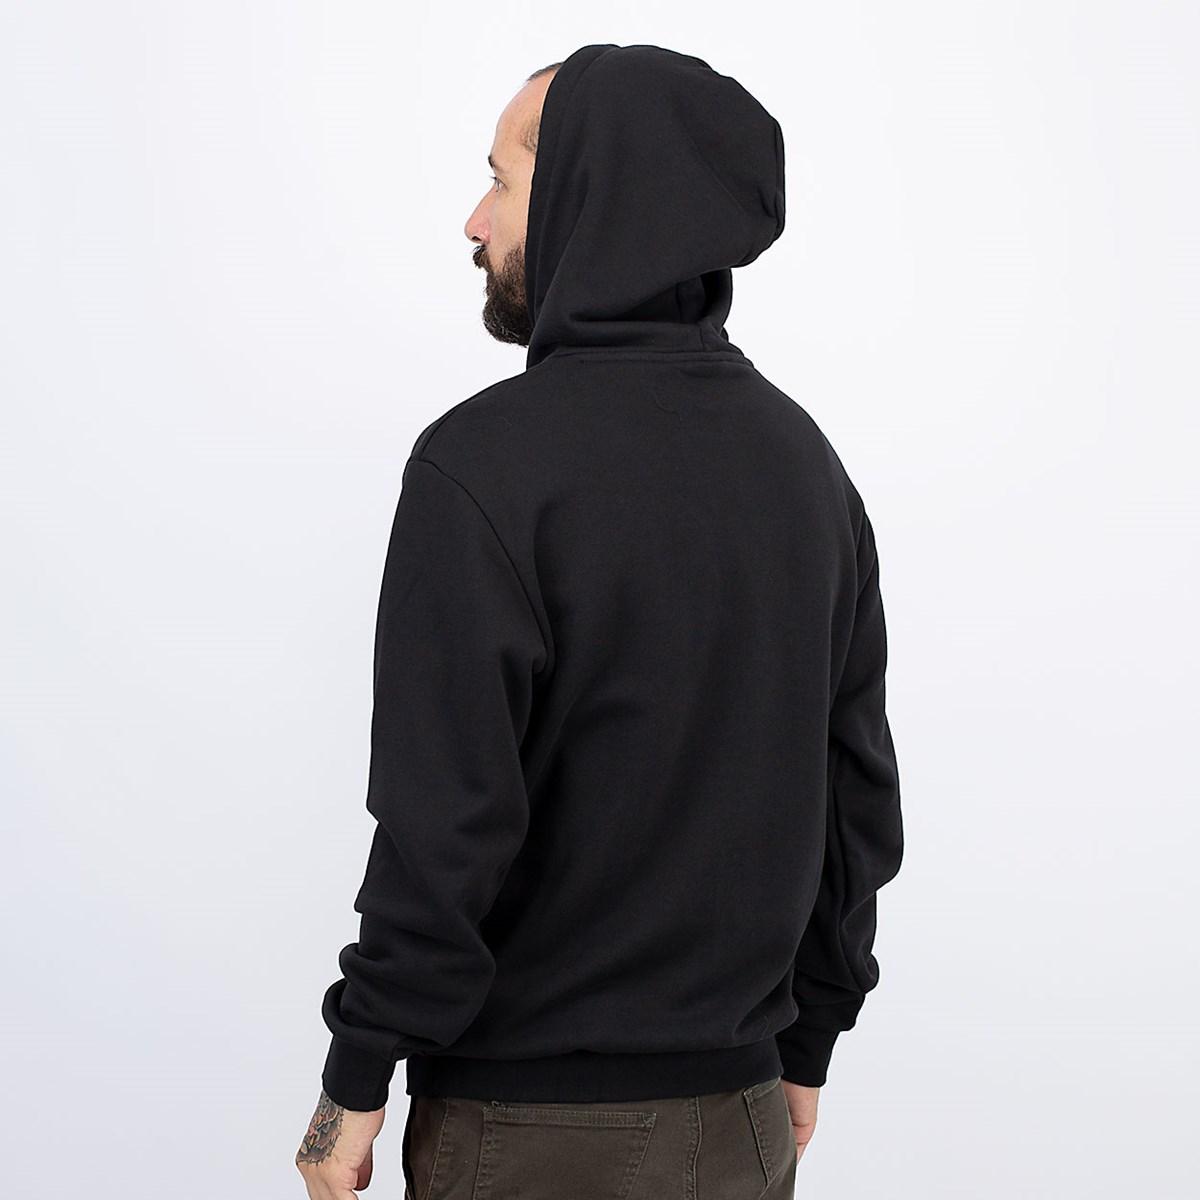 Moletom adidas Capuz Worm Print Black GN2159